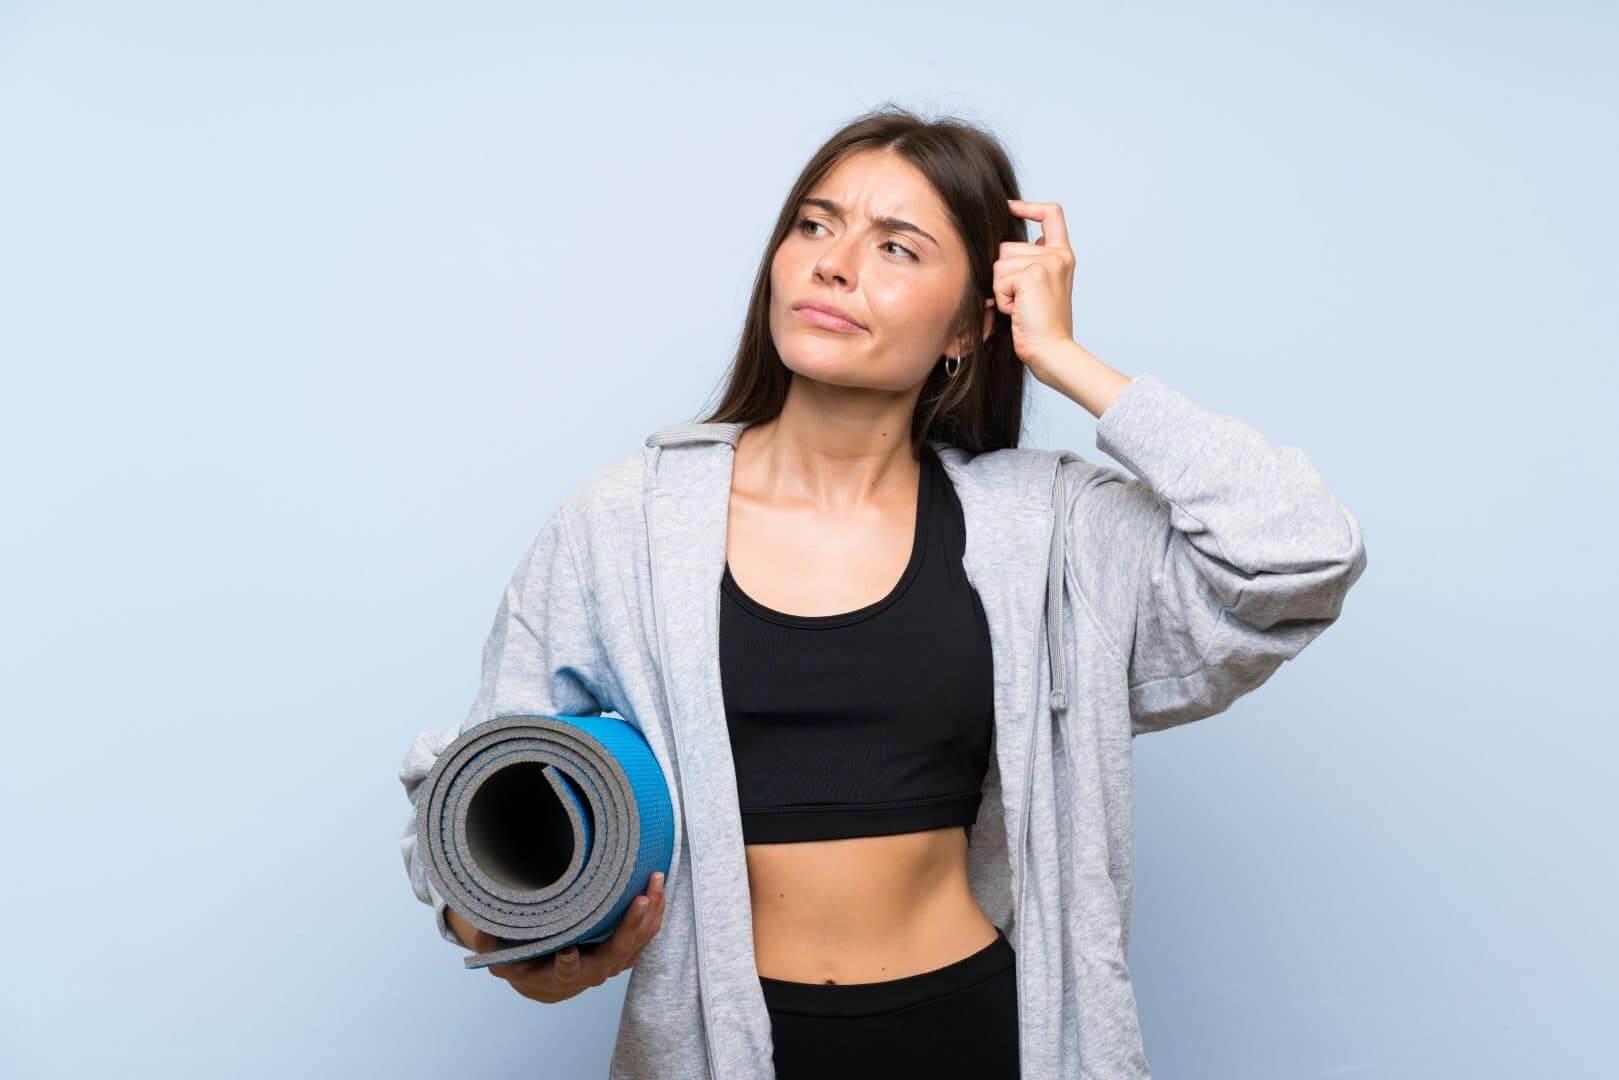 Derfor får du bumser af motion og træning